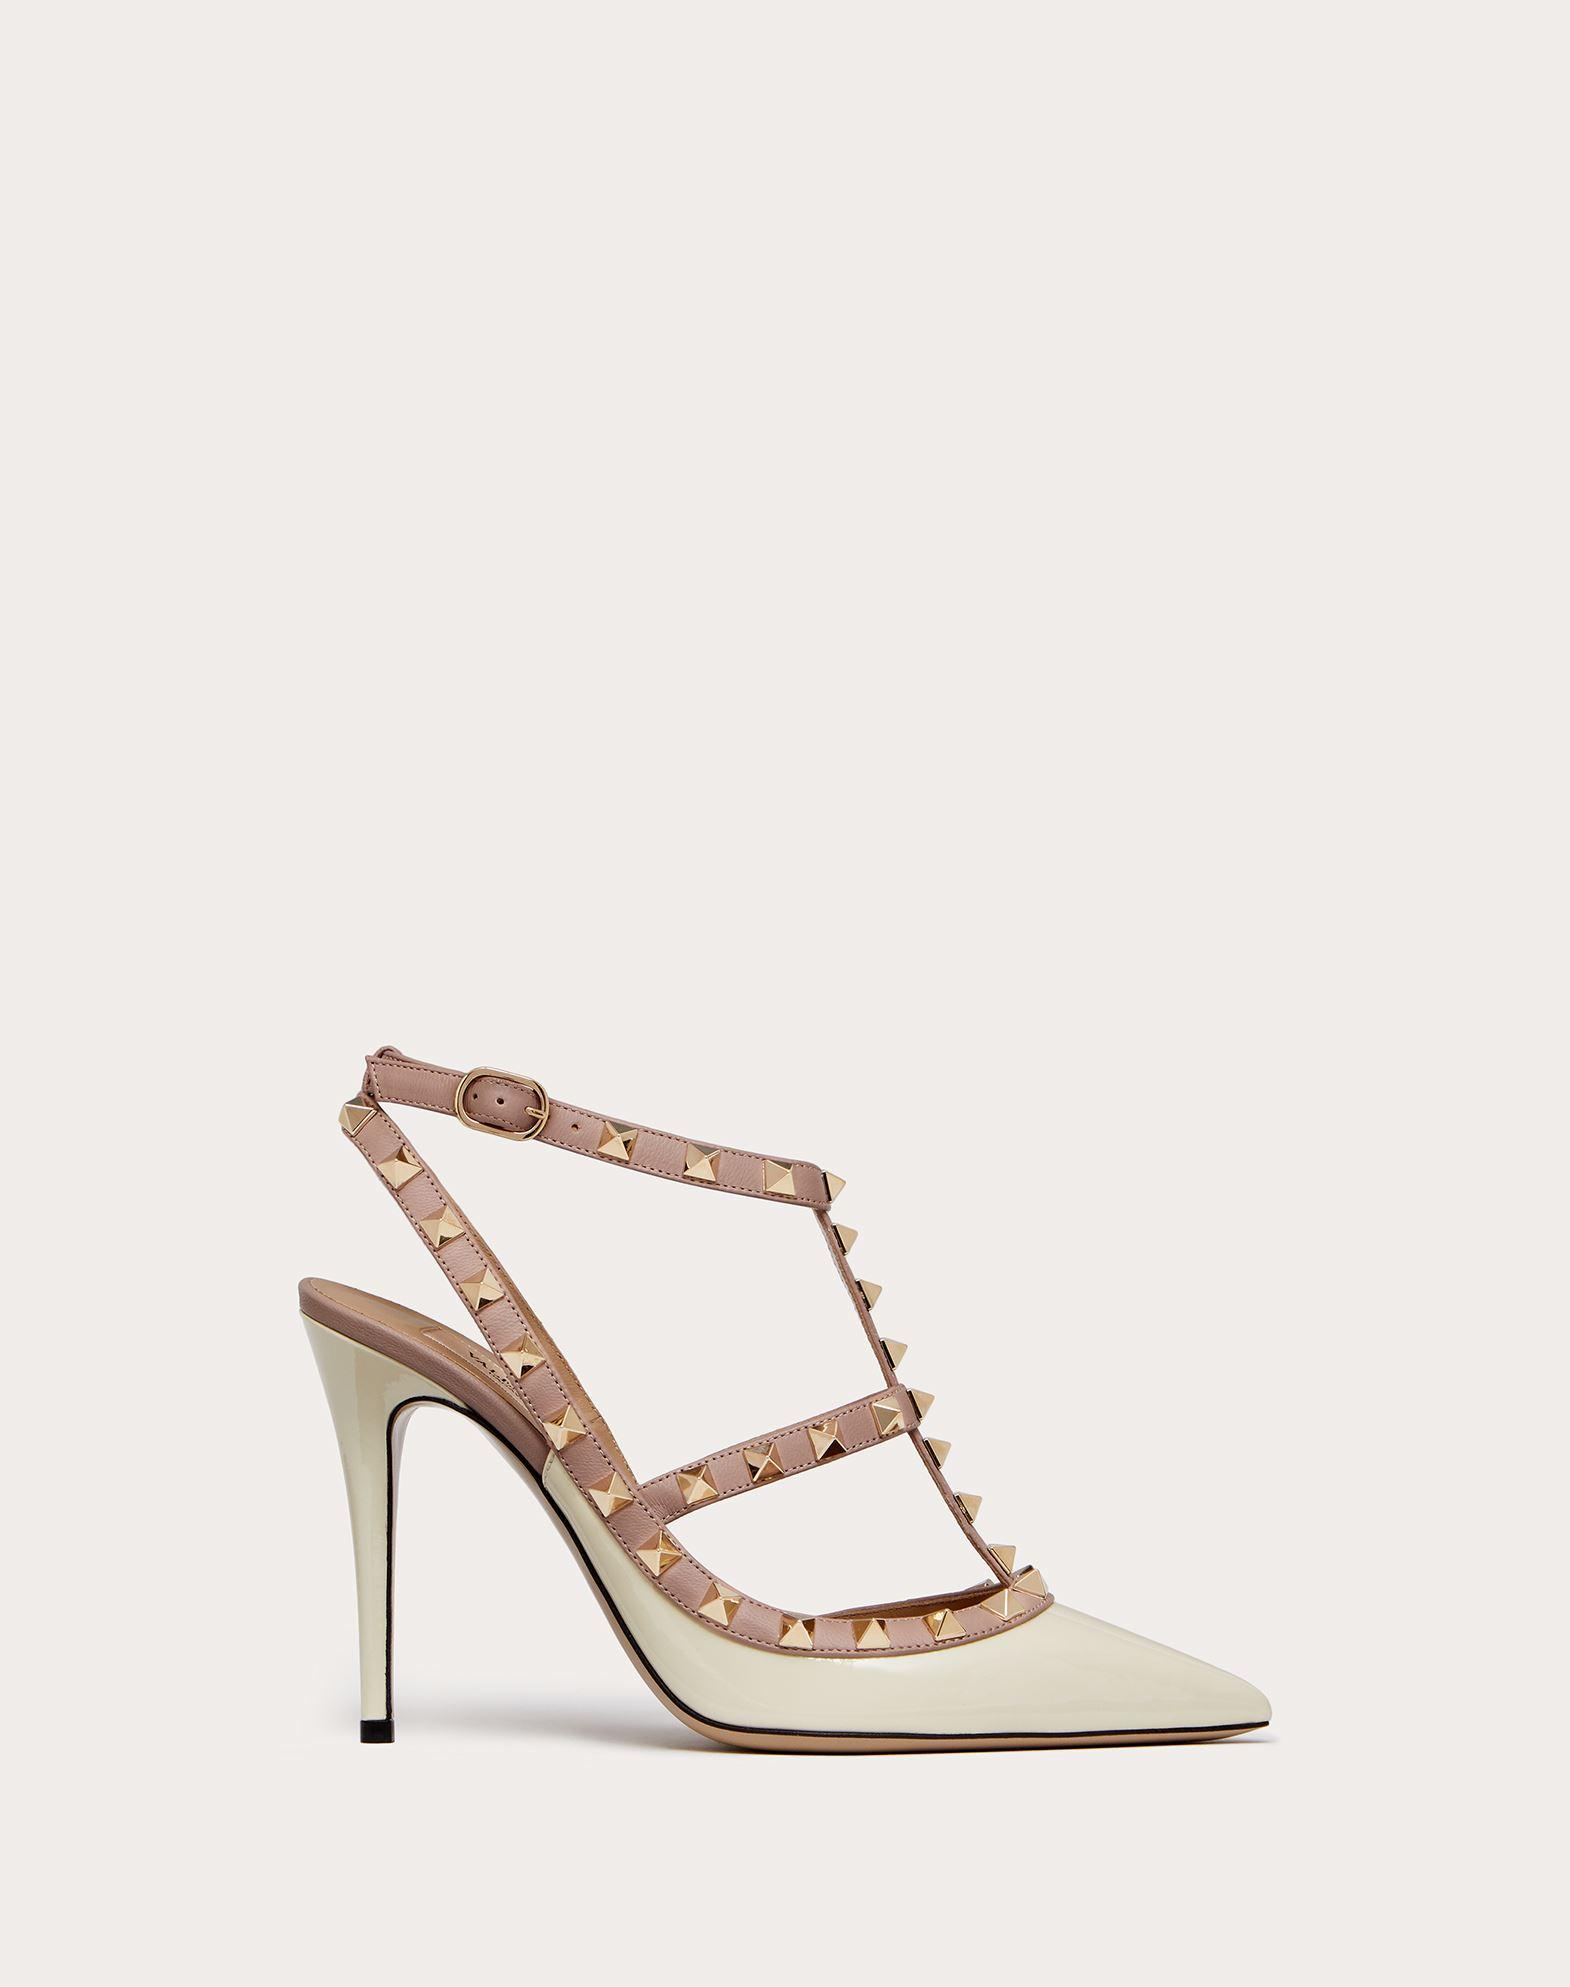 VALENTINO 双色图案 细高跟 漆面效果 铆钉 腰带扣 窄形鞋头 真皮鞋底   11166492ps